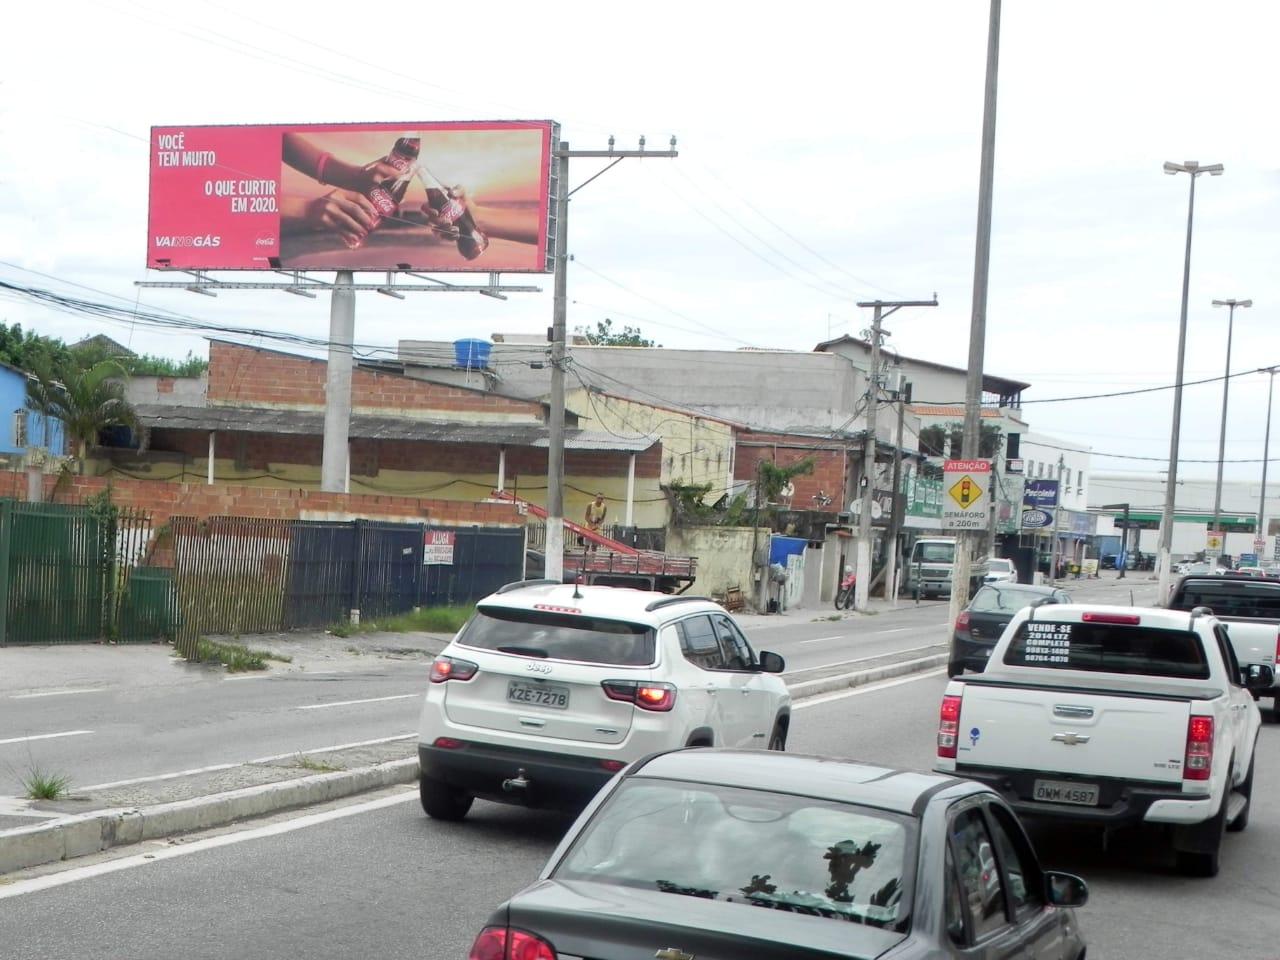 CABO FRIO ENTRADA DA CIDADE